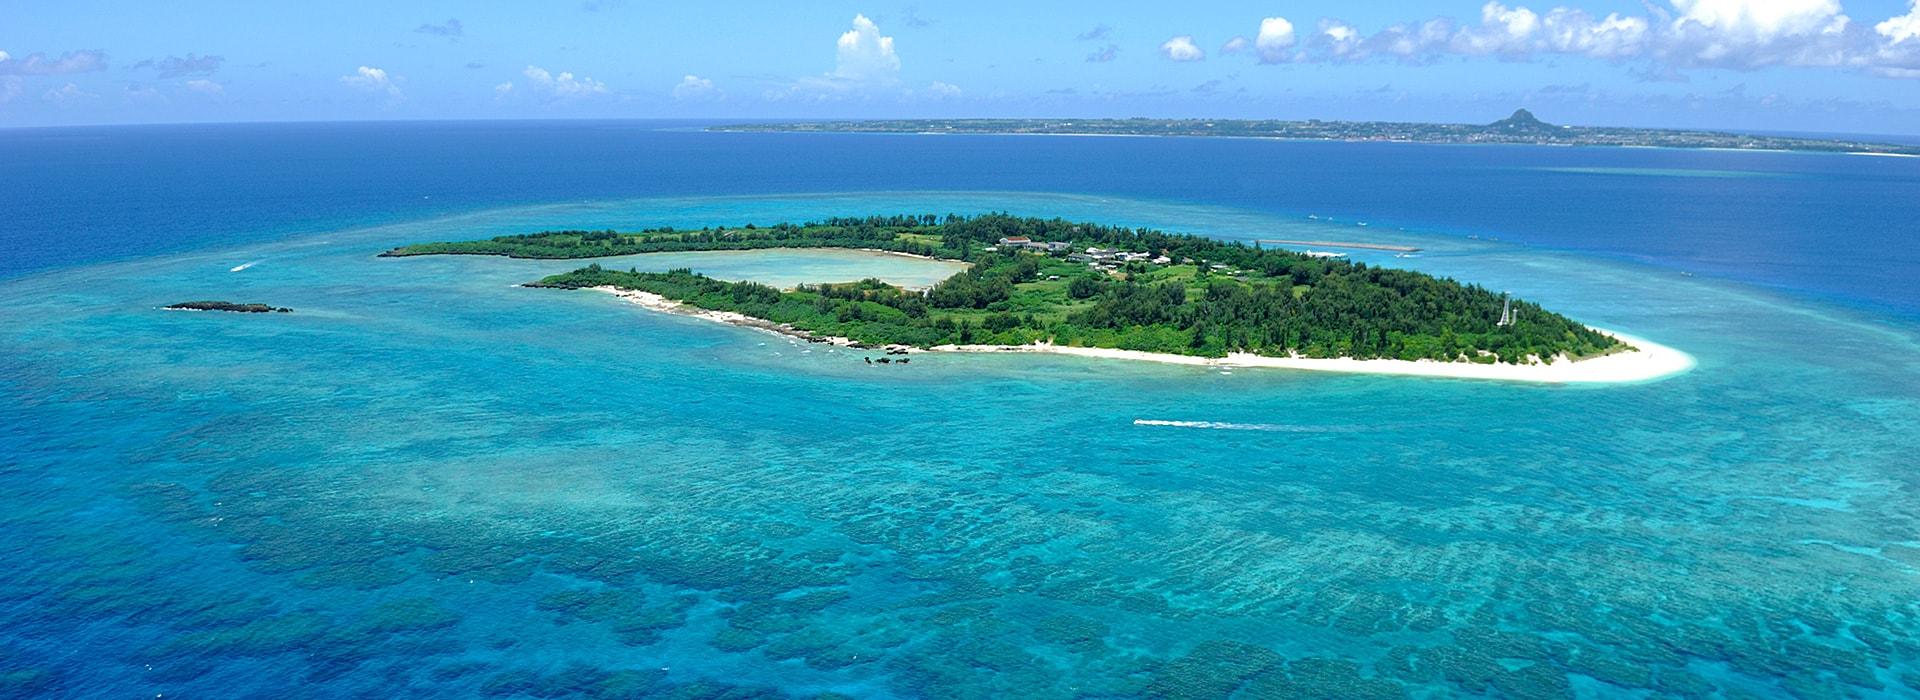 沖縄水納島ビーチ